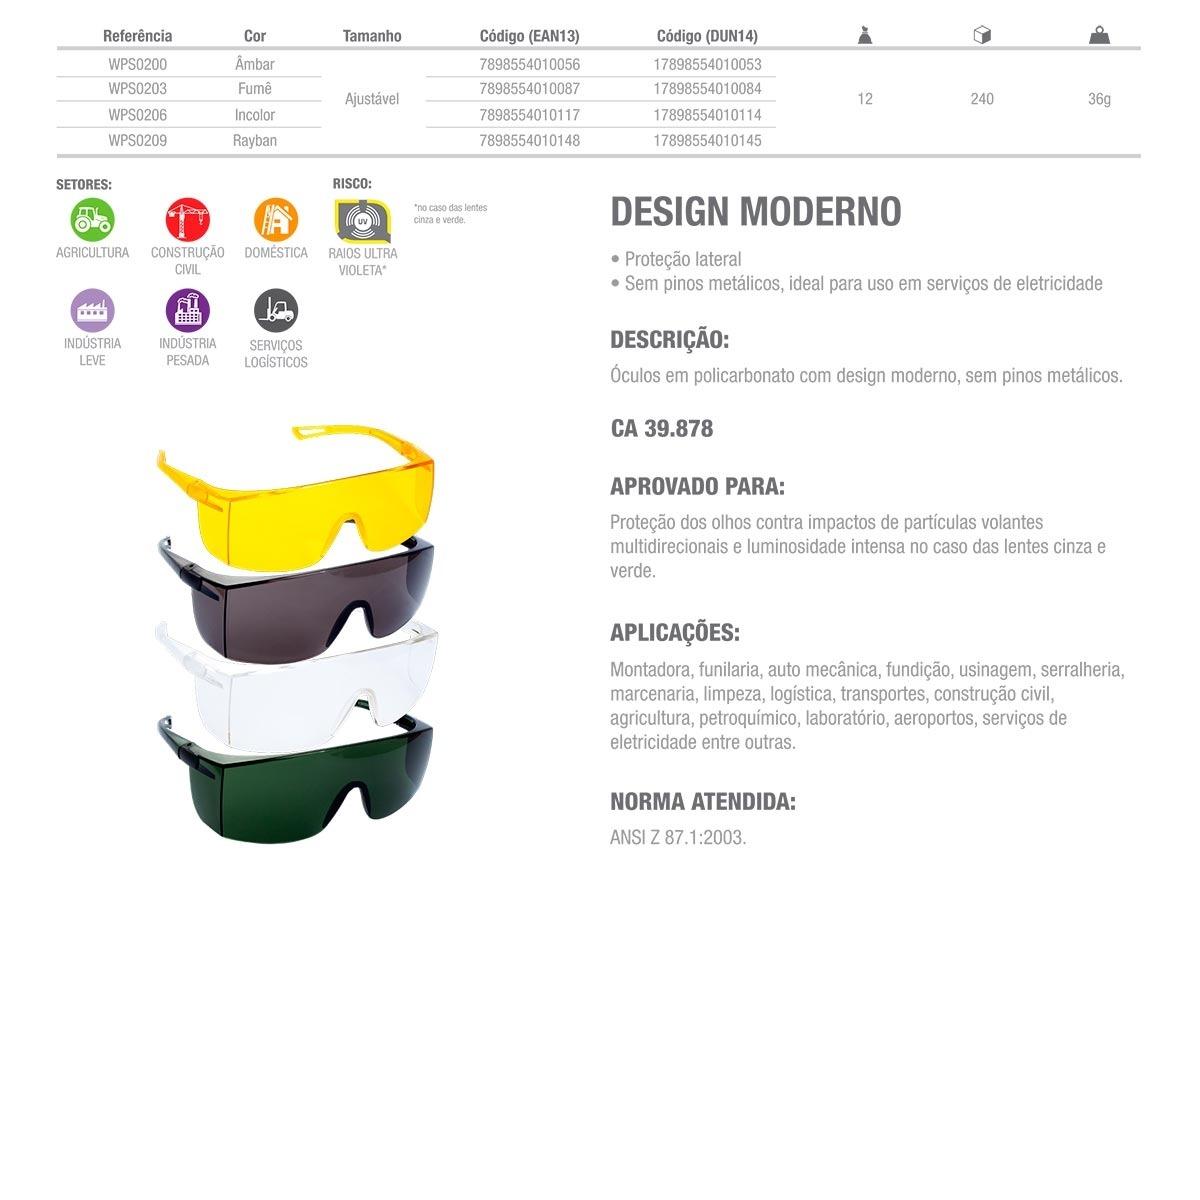 a65a7211b Óculos De Proteção Delta Plus Sky Incolor - Ca 39.878 - R$ 8,58 em Mercado  Livre